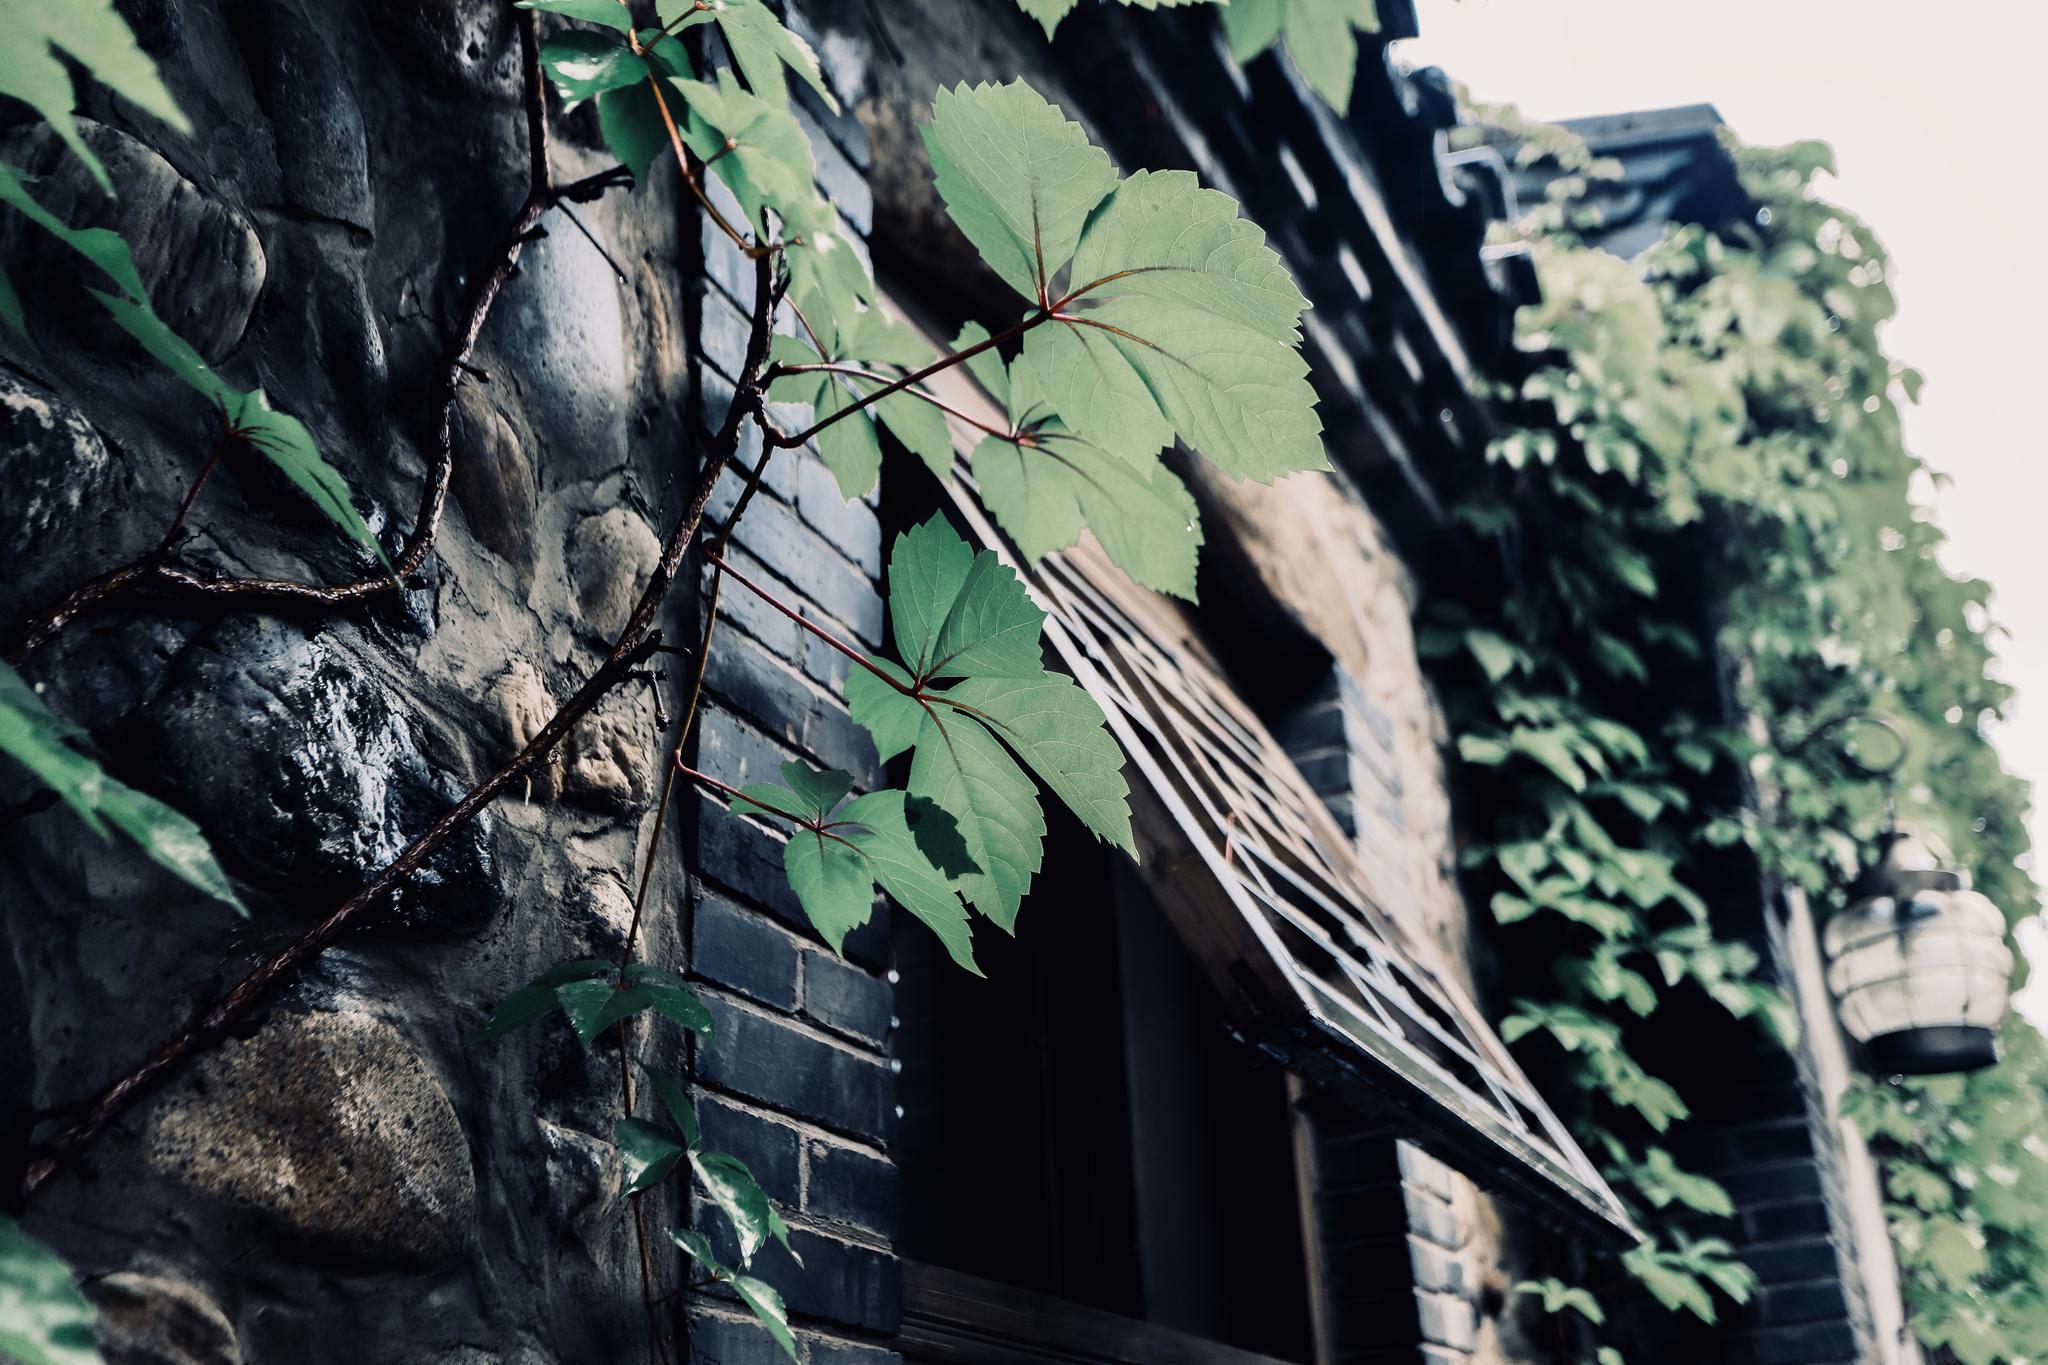 铜绿斑驳的旧窗